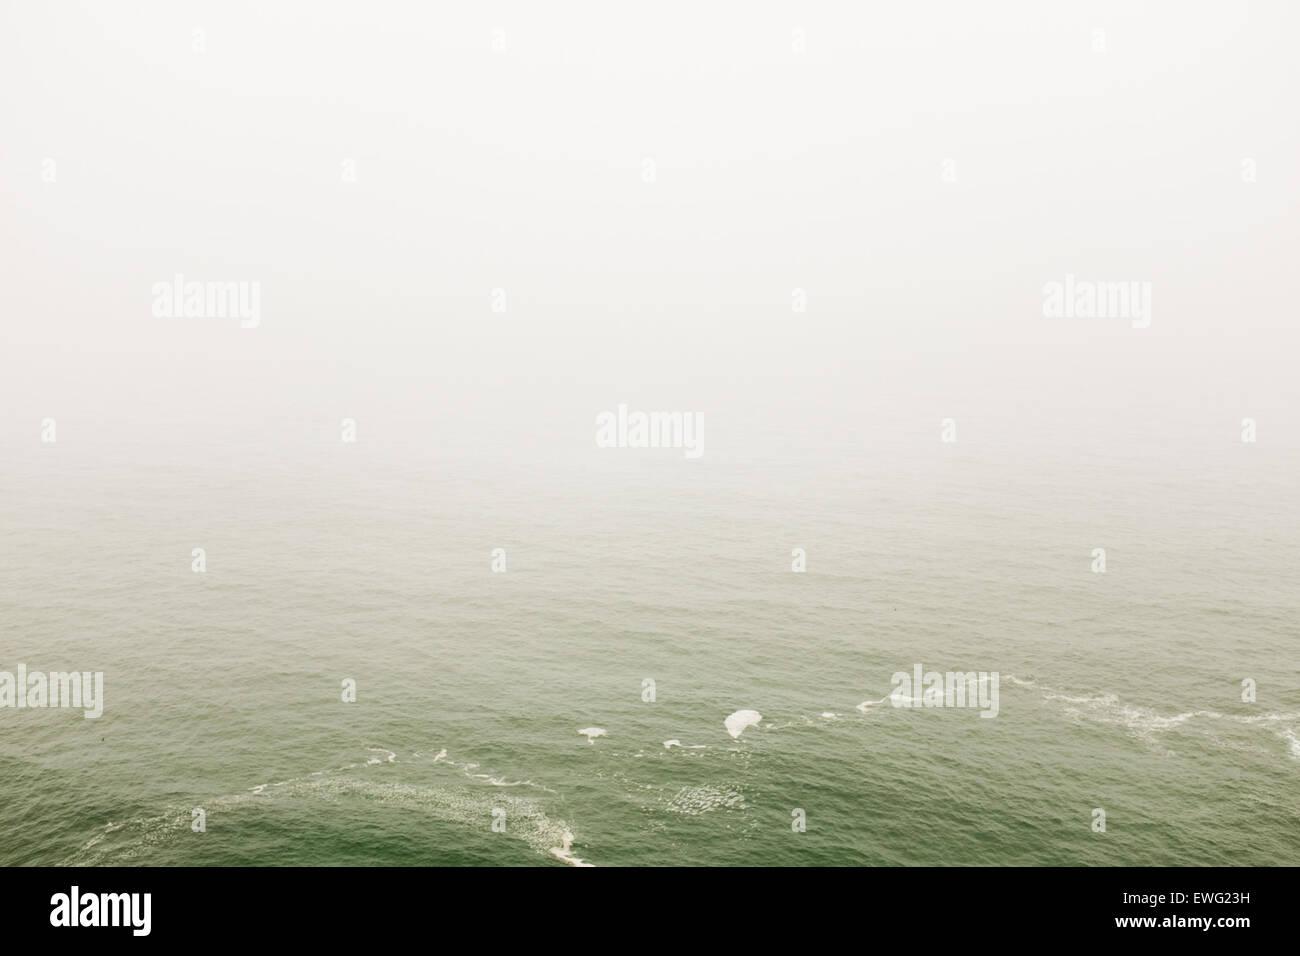 Oceano bianco acqua acqua minimalista sfondo bianco sfondo all'aperto oceano onde del mare bianco Immagini Stock